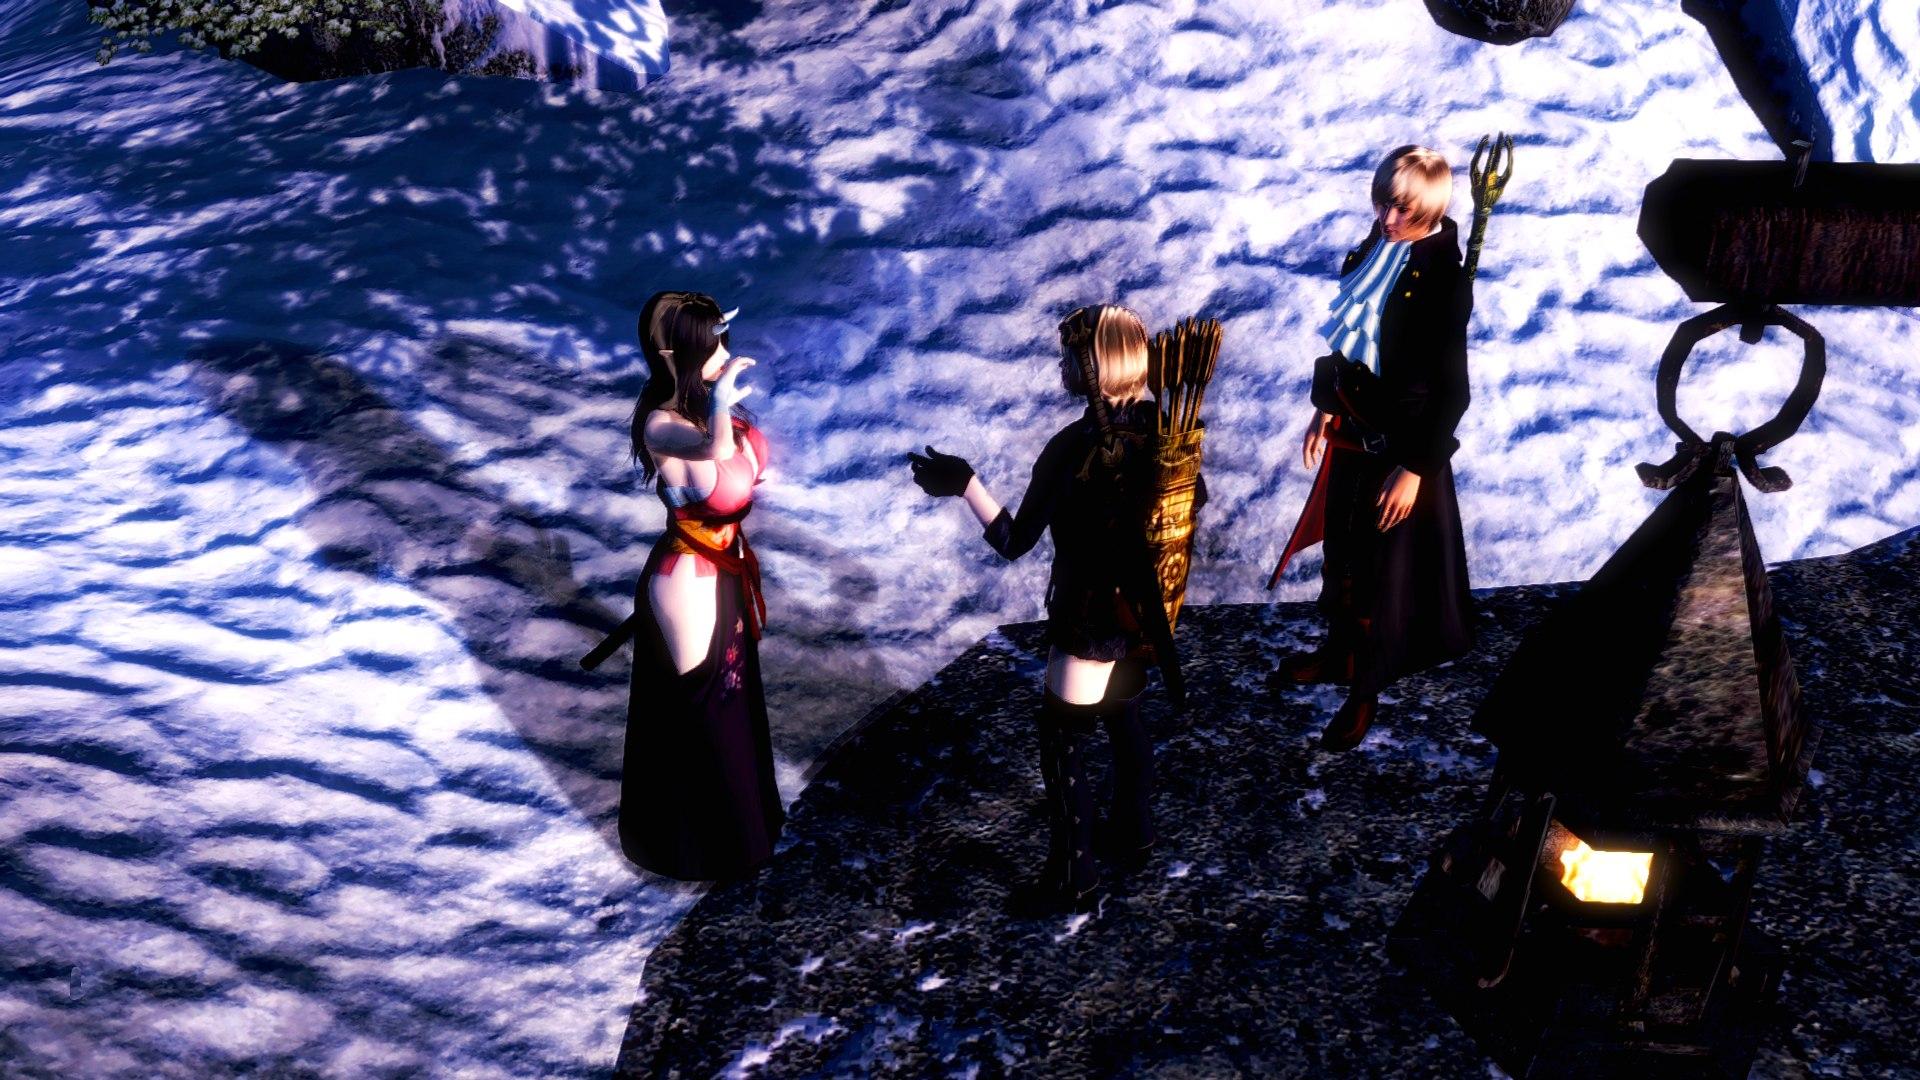 Oblivion 2011-12-19 22-45-10-95